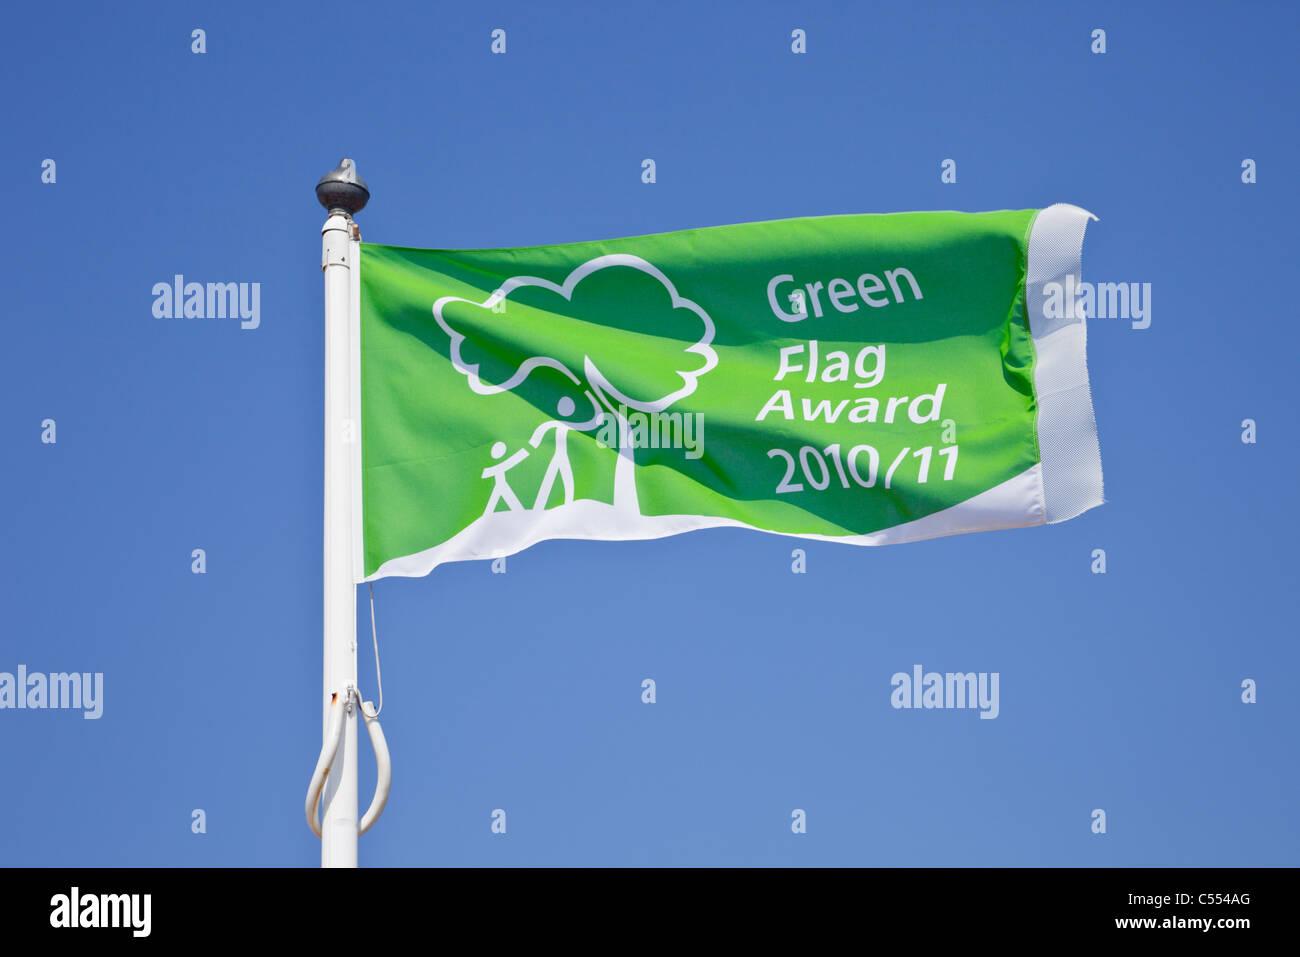 England, UK. Green Flag Award scheme 2010/11 flying flag against blue sky - Stock Image